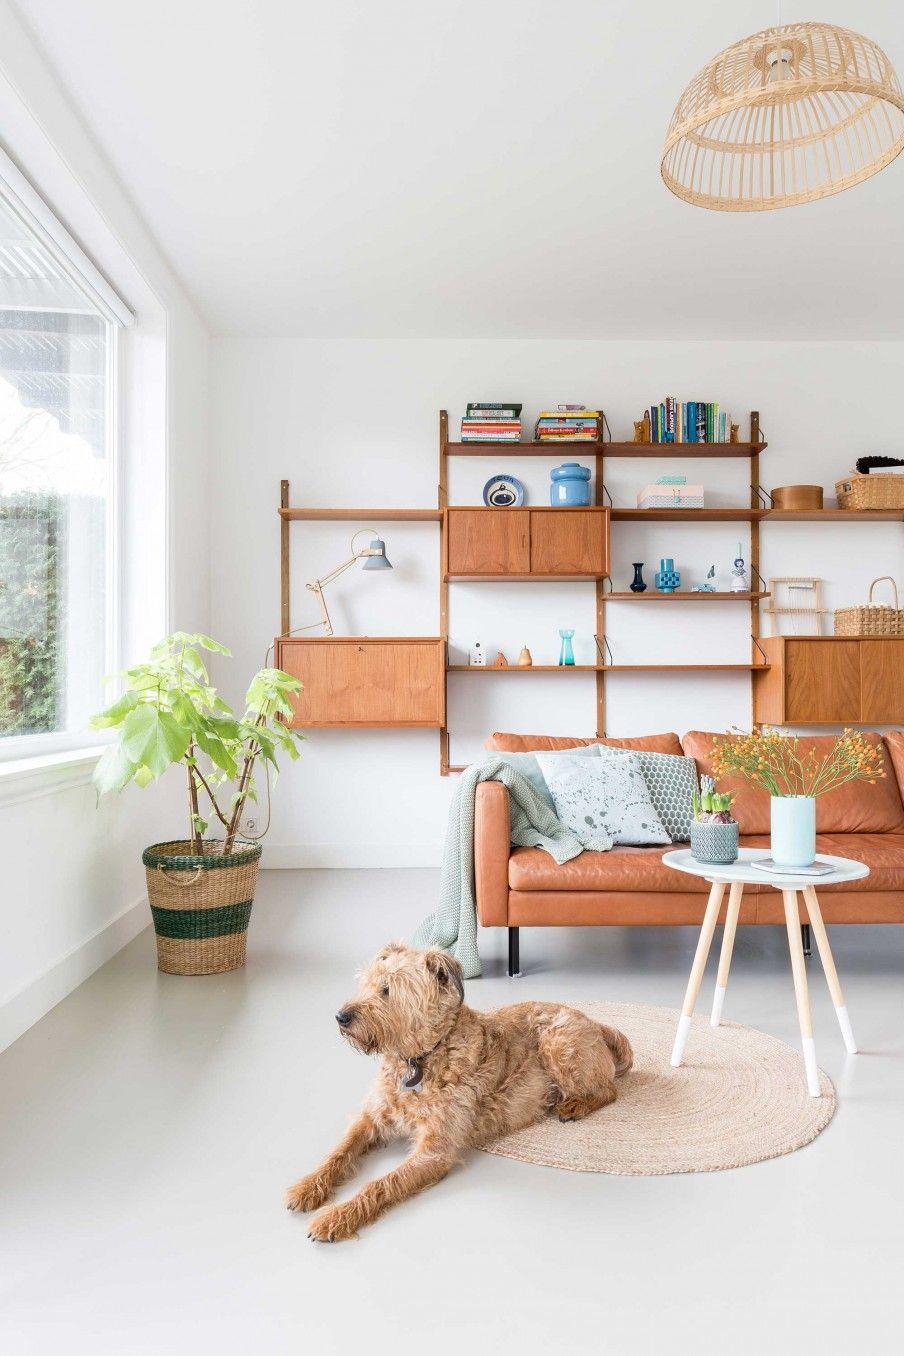 6-woonkamer-vintage-modulekast | STHY - Mooi plaatje, goede sfeer ...